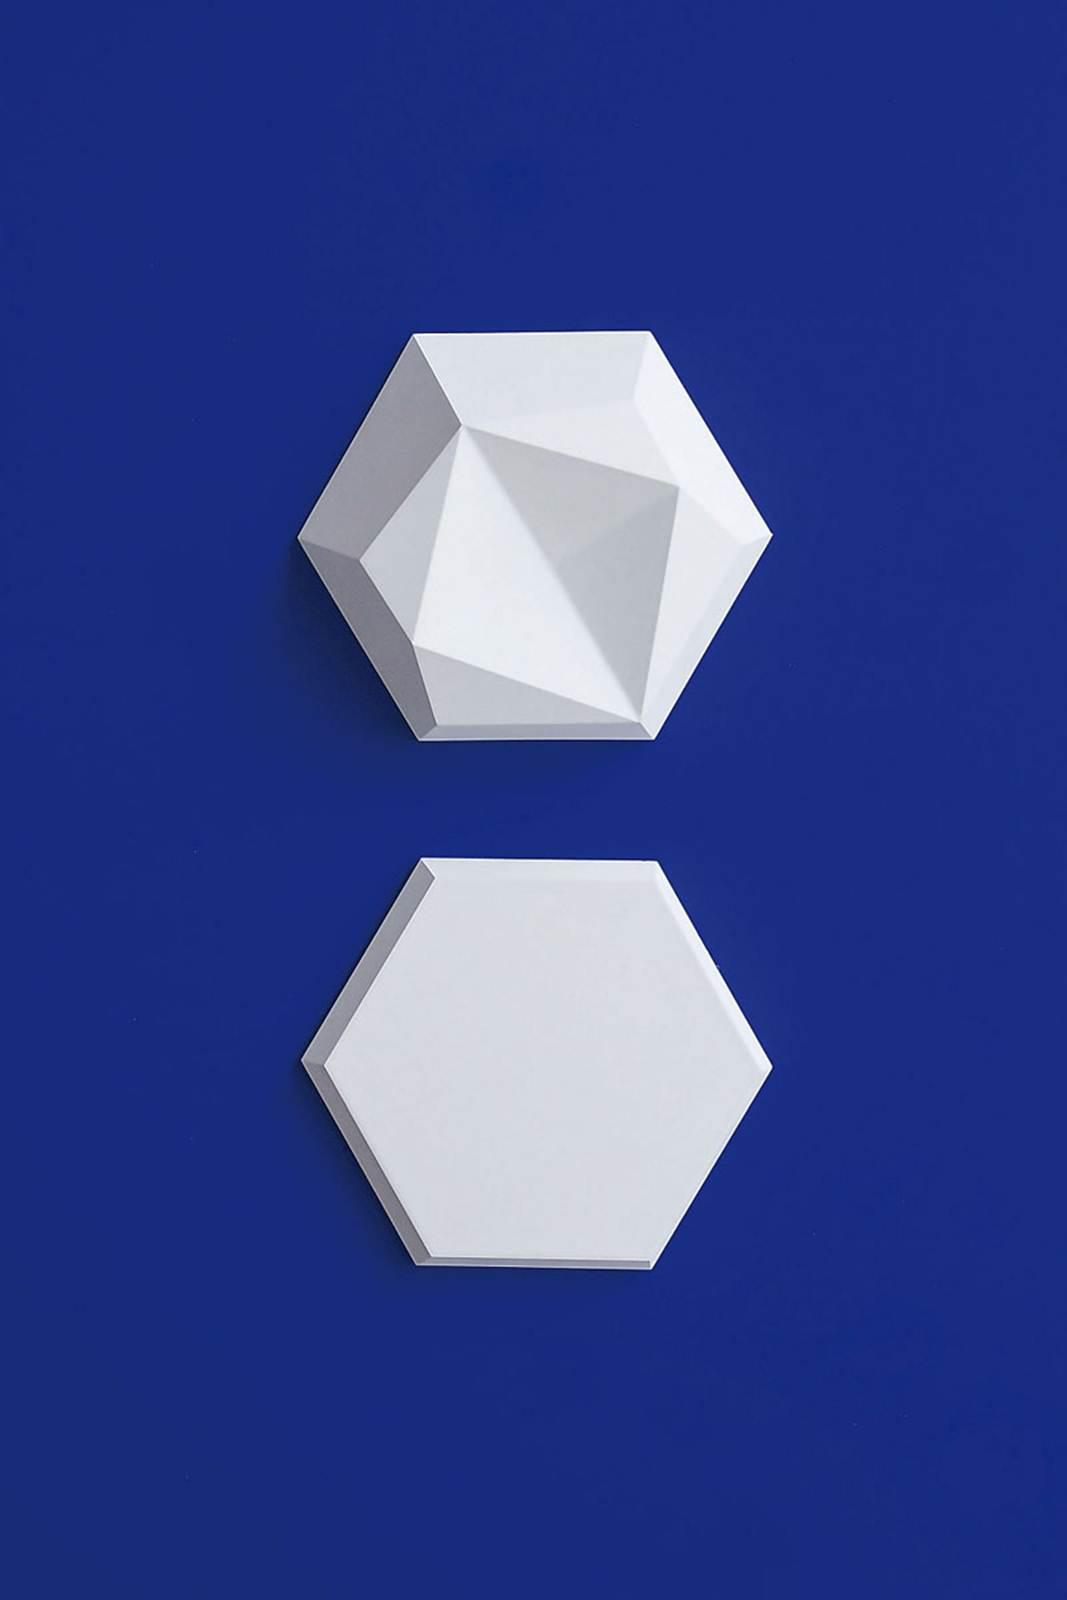 232544baoxaydung image006 Độc đáo gạch trang trí hình lục giác, ý tưởng thiết kế đặc biệt